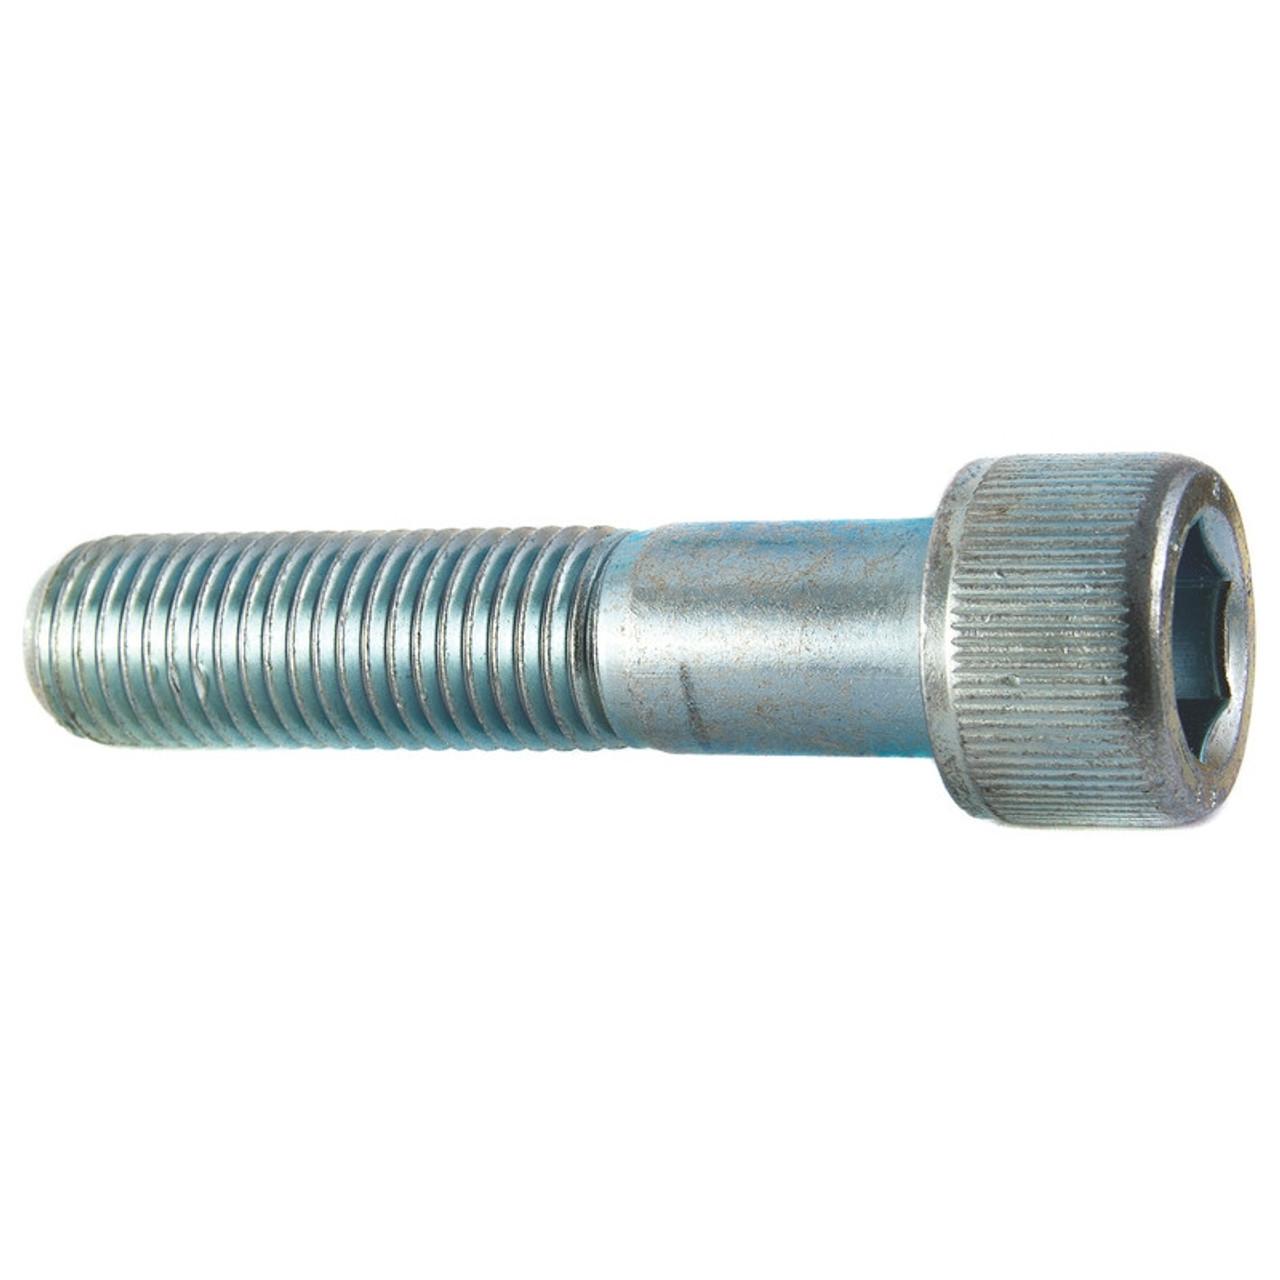 Socket Cap Class 12.9 Zinc : M8 (1.25mm) x 60mm